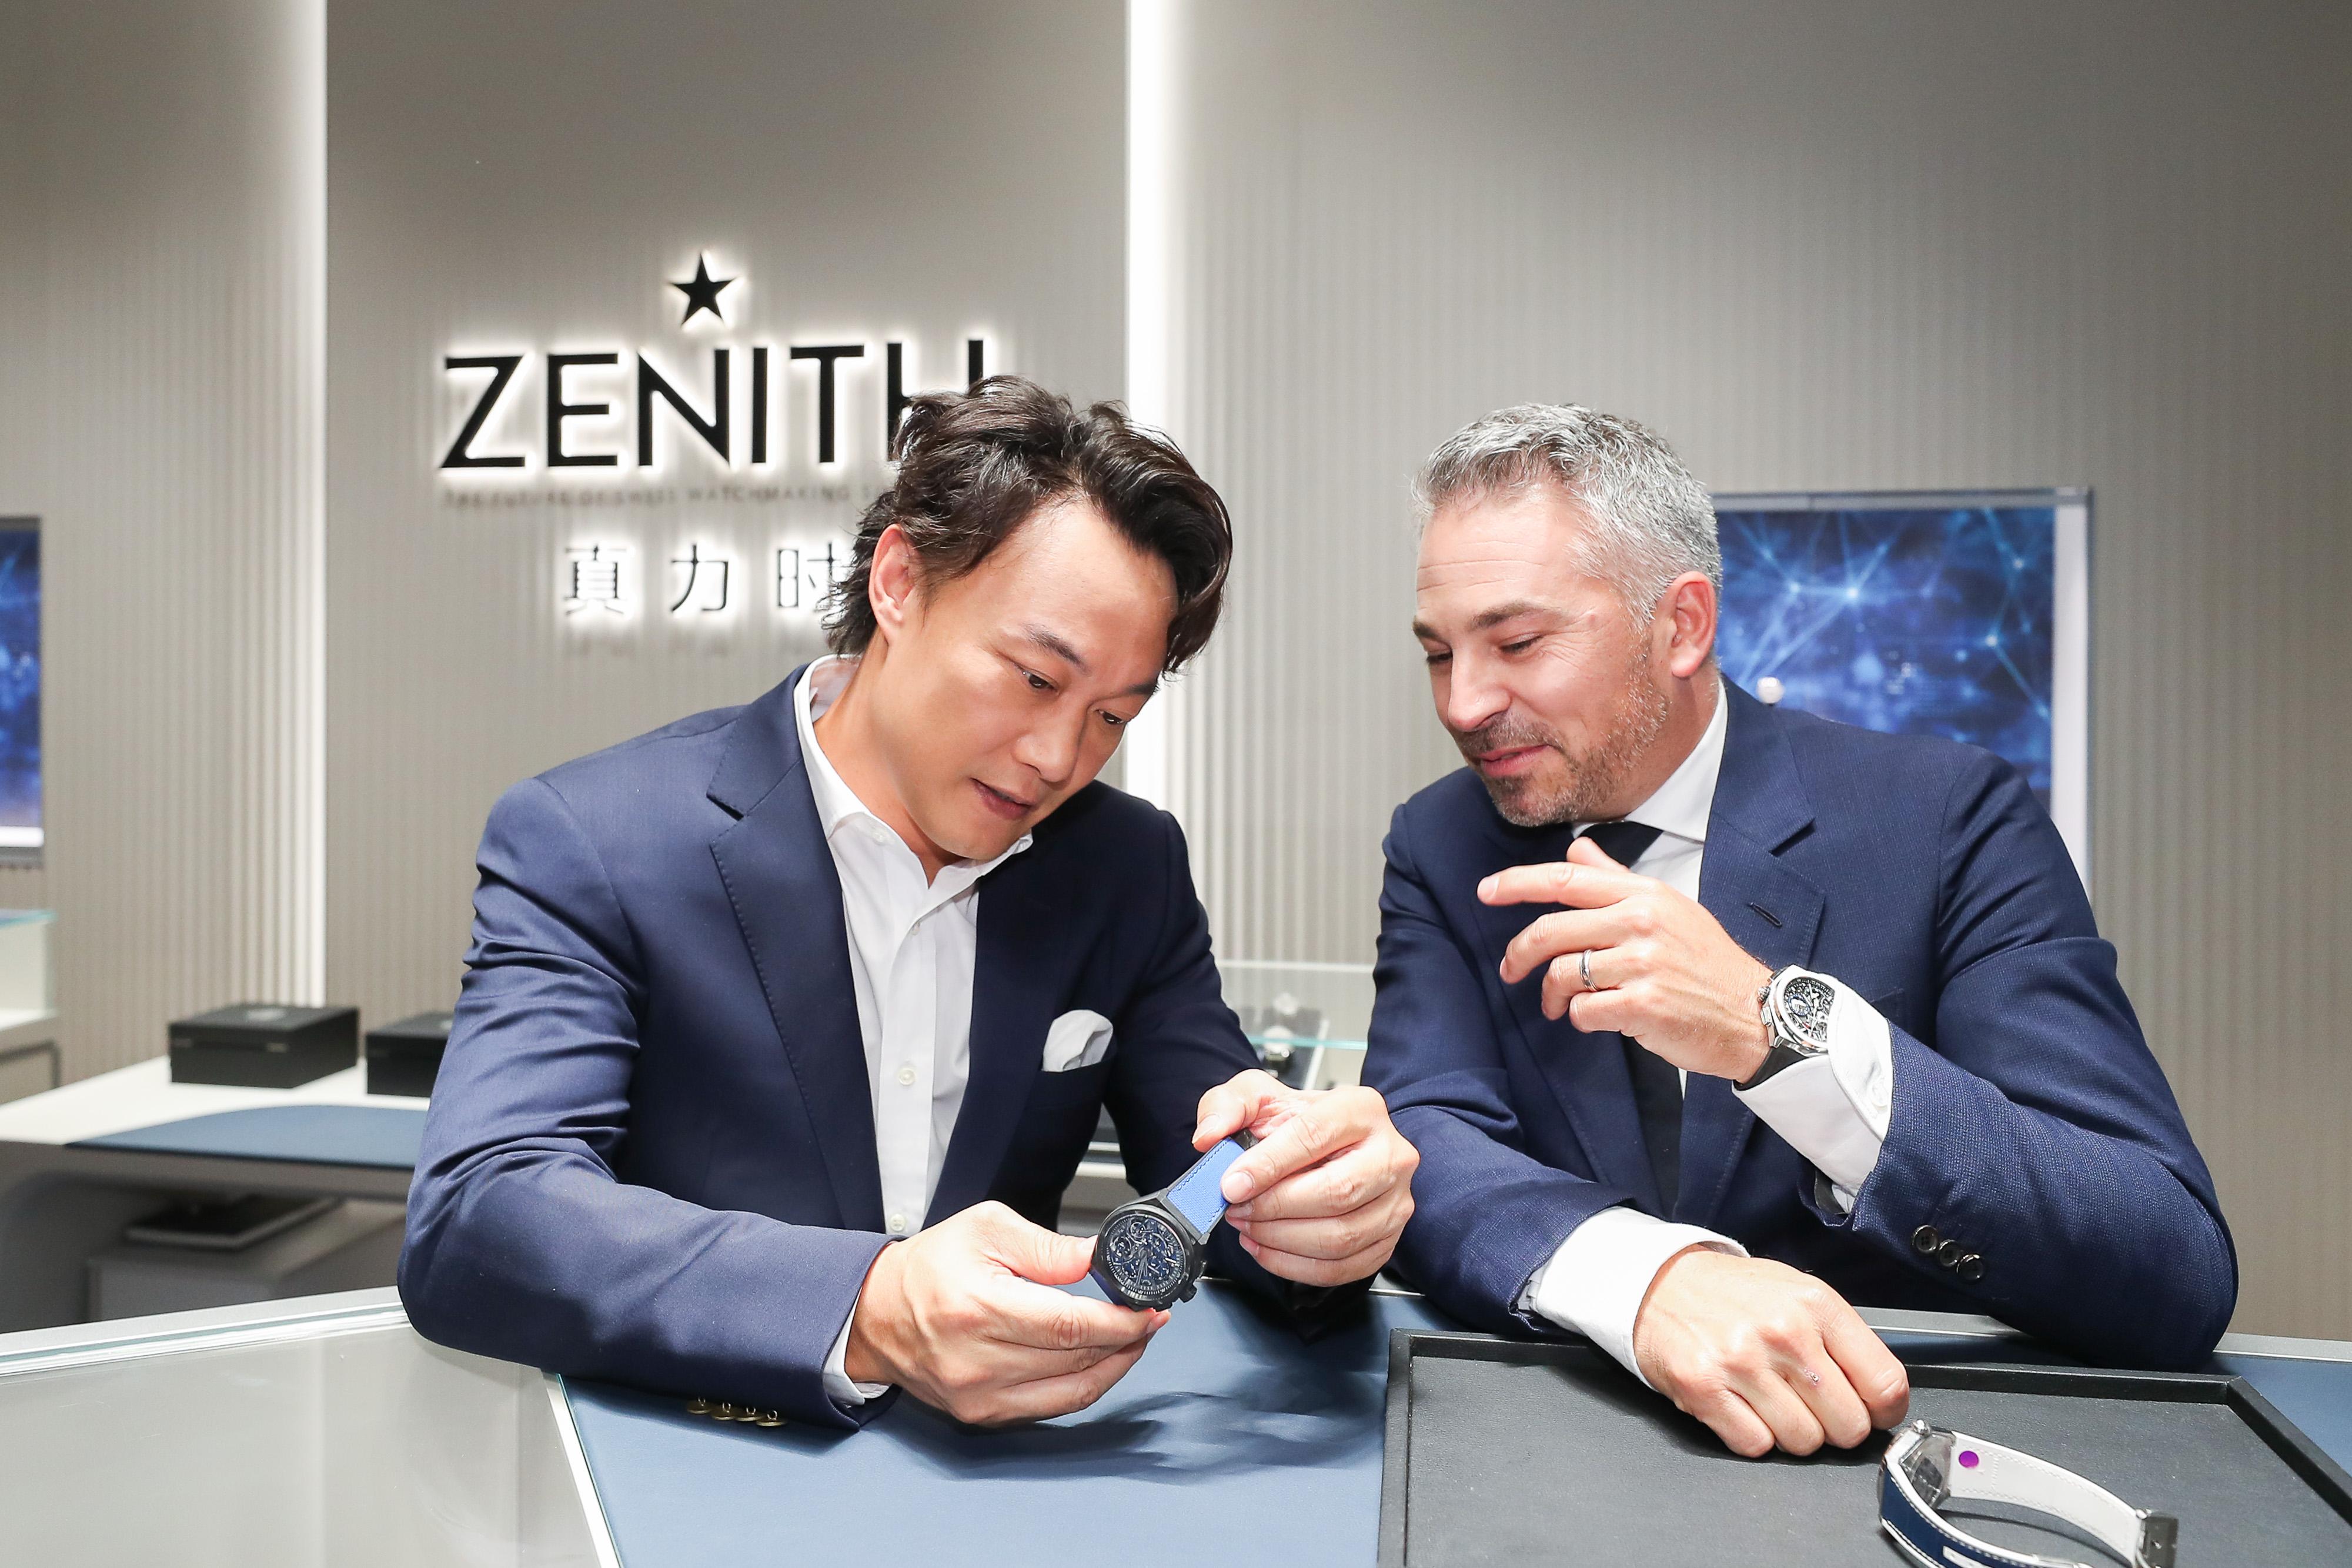 Zenith_boutique opening Zhengzhou (5)